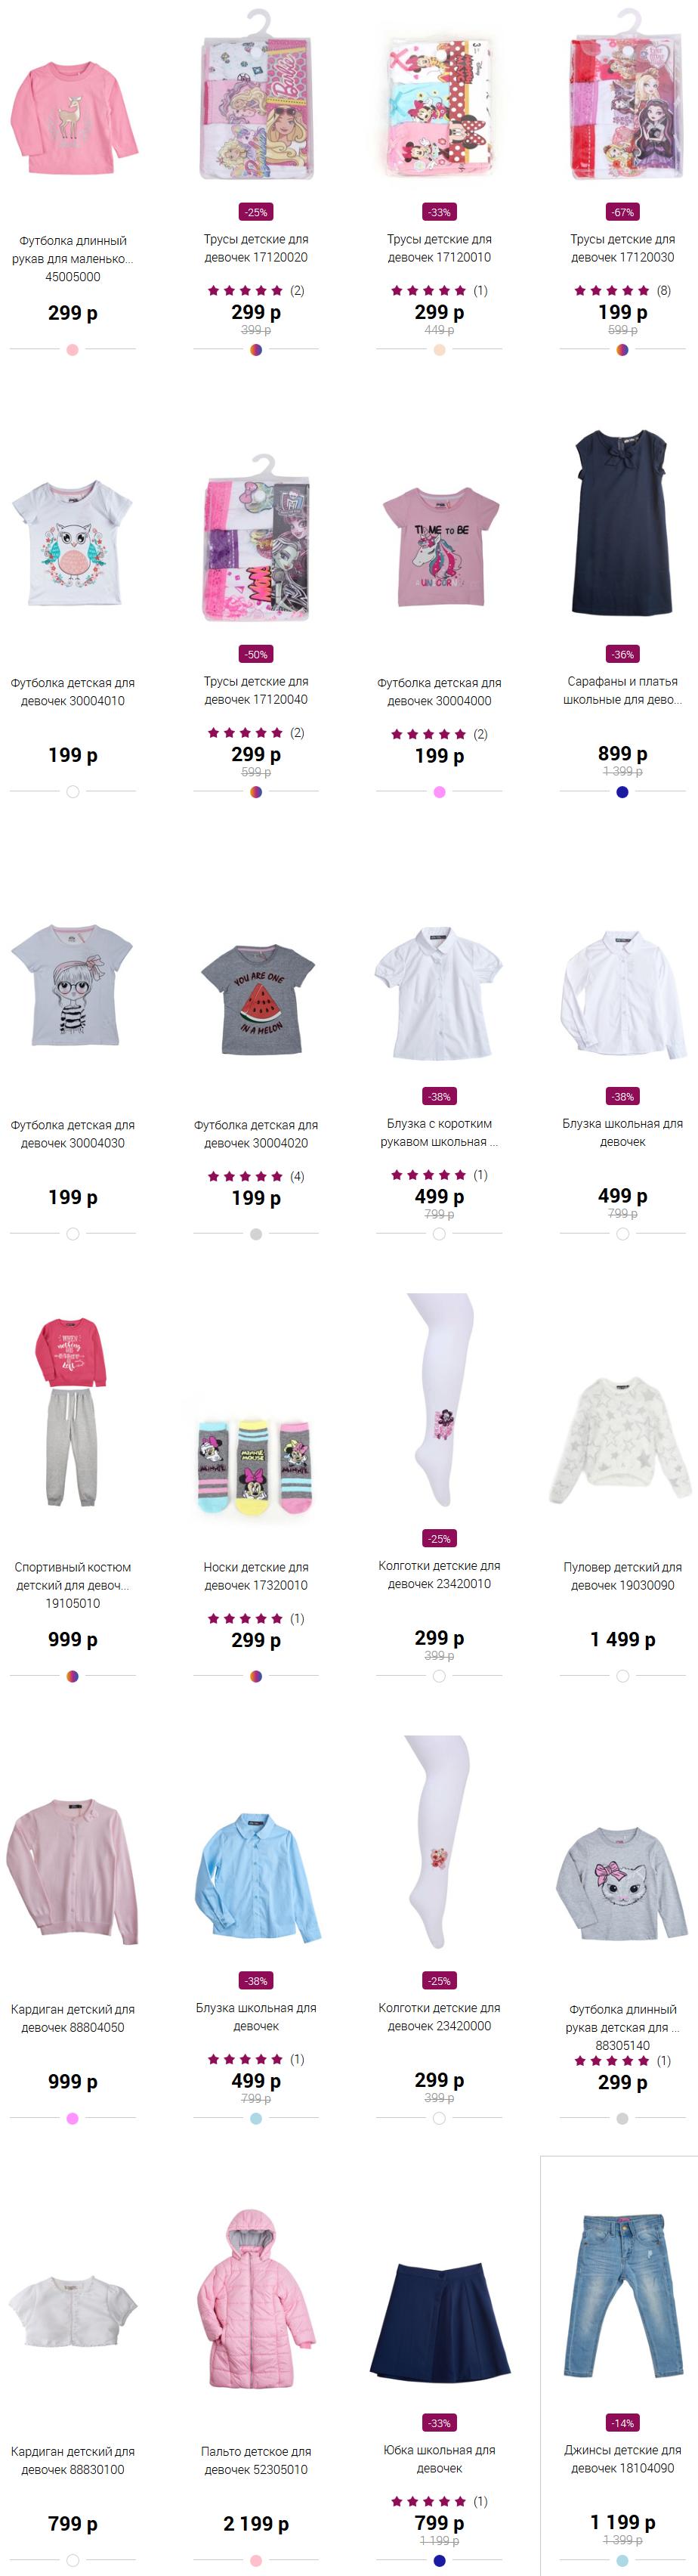 Каталог одежды для девочек Кари